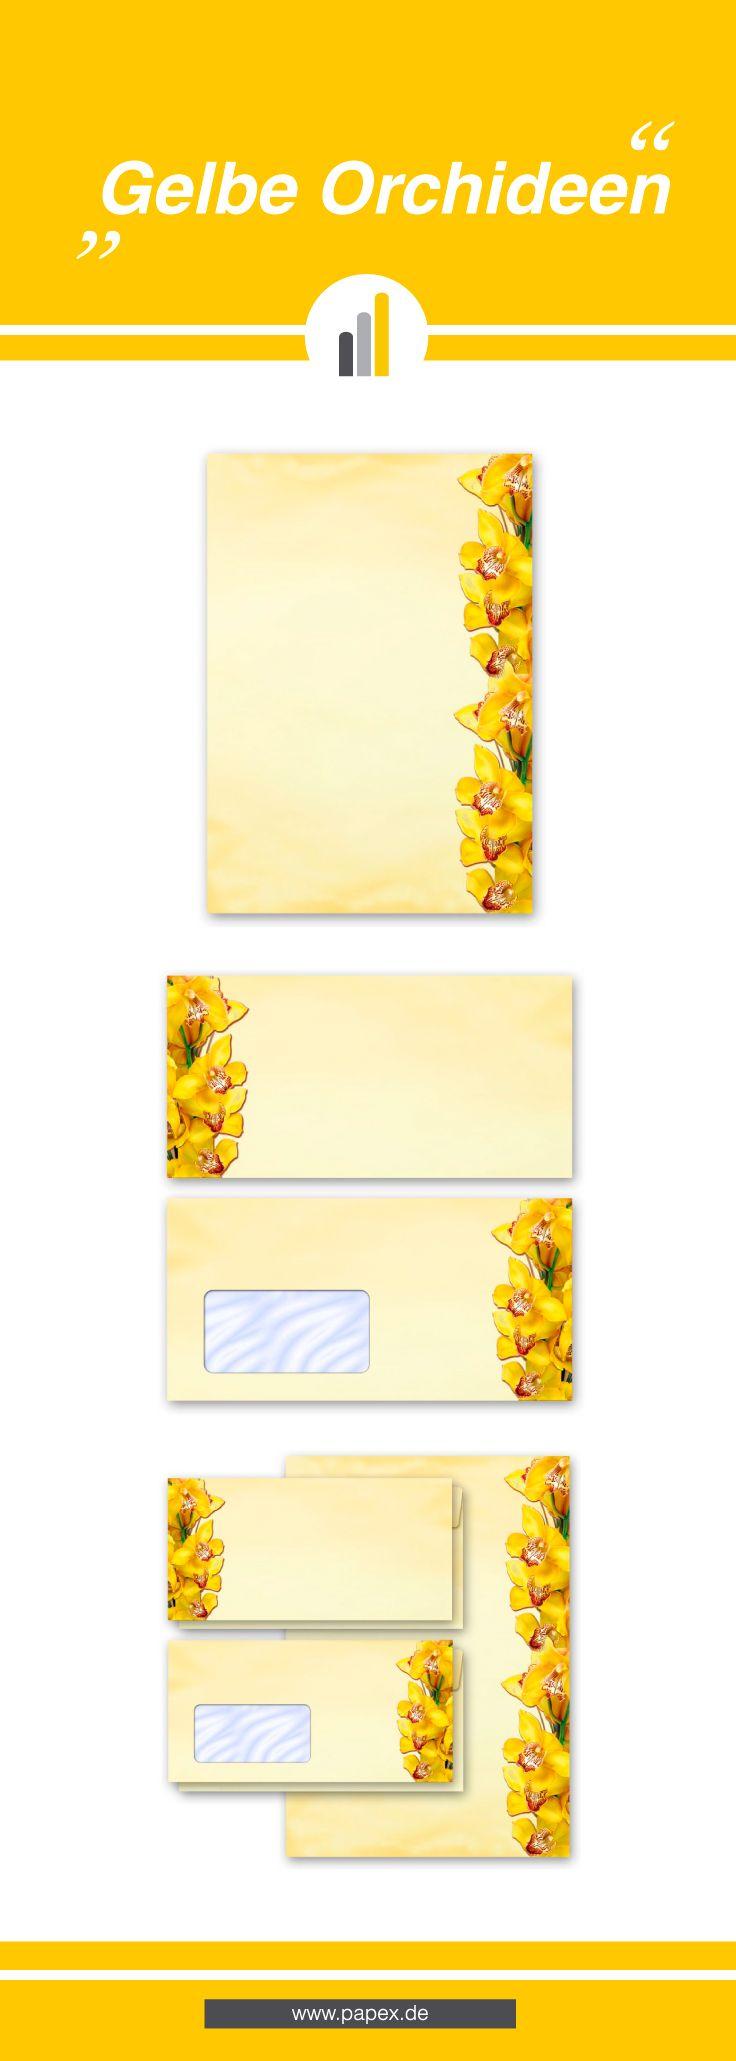 Briefpapier / Motivpapier GELBE ORCHIDEEN - Sagen Sie es »durch die Blume« mit unseren variantenreichen Blütenmotiven oder Designs aus vielen anderen Themenbereichen, um einem persönlichen Schreiben den richtigen Rahmen zu verleihen. Das Verwenden Sie unsere Produkte als Werbewirksame Zielgruppenmailings, Weihnachtsgrüße, für Angebote, als Saison-Briefpapier, für Einladungen, Glückwünsche, Speisekarteneinlagen, Aktionsprogramme, Feste, als Aushang im Schaufenster und für weitere tausend…